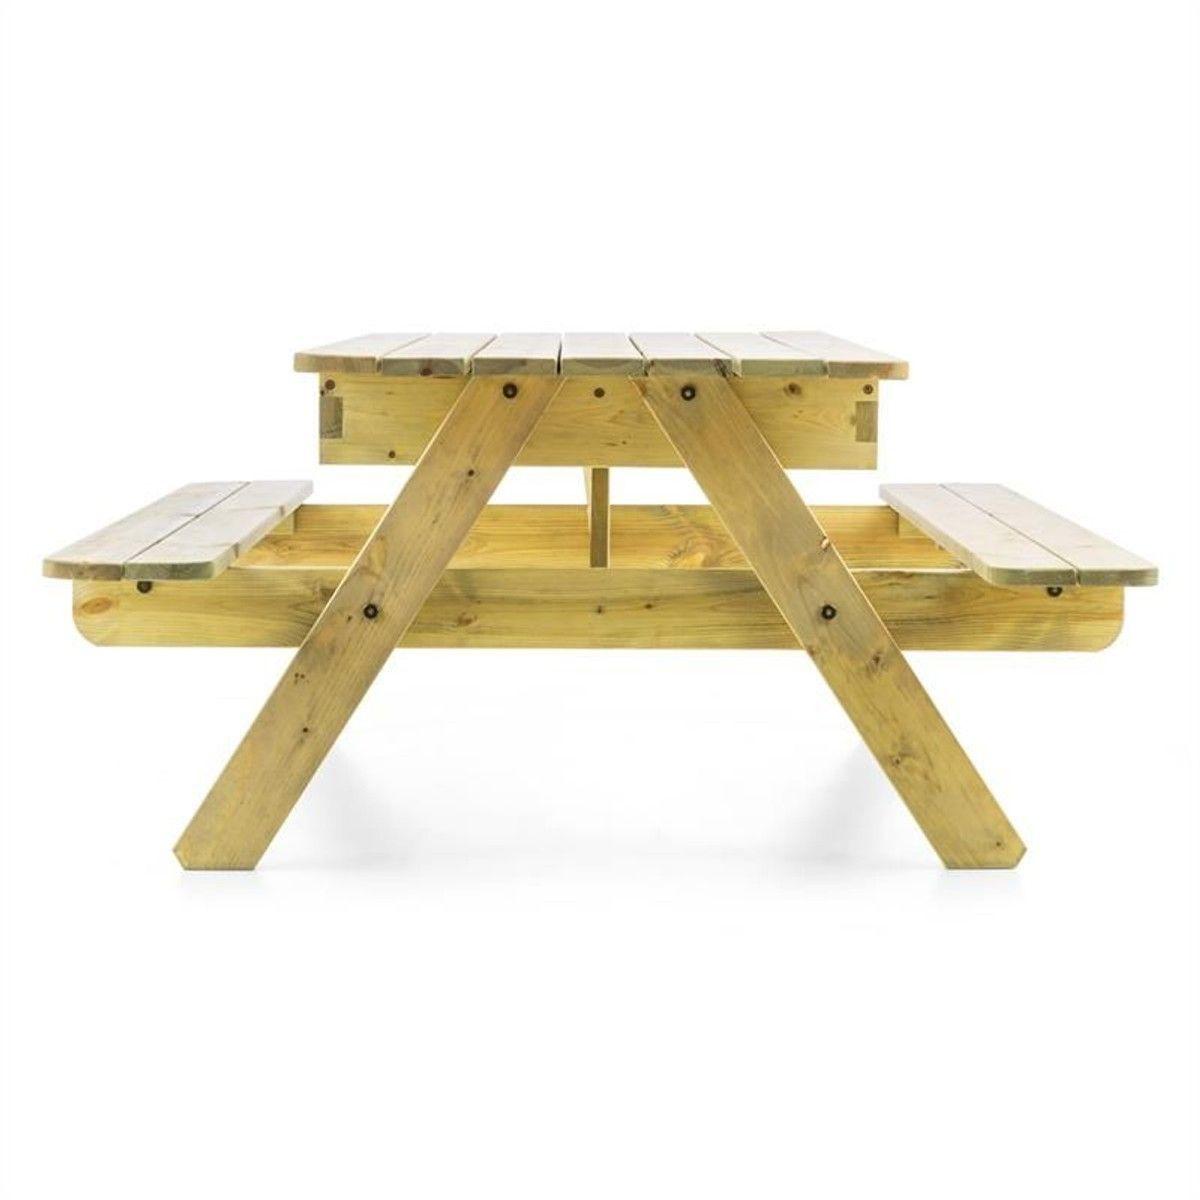 Table De Jeux Ou Pique Nique Pour Enfants Avec Banc Intégré ... tout Table De Jardin En Bois Avec Banc Integre